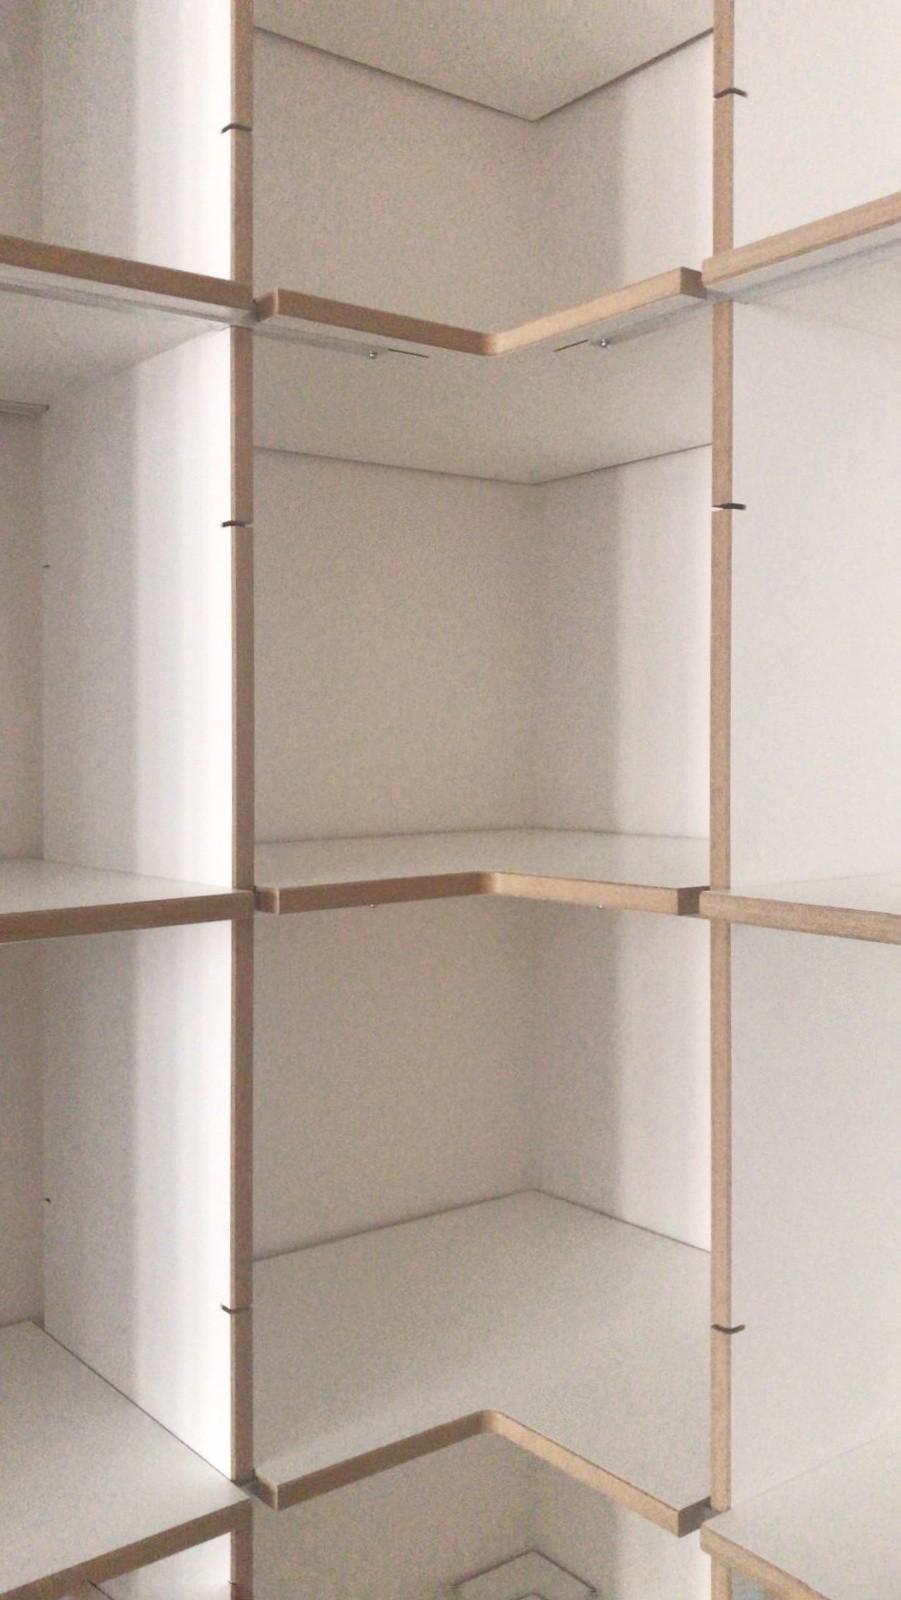 Full Size of Fnp Regal Moormann Regale Berlin Buche Massiv Aus Kisten Nussbaum Mit Türen 50 Cm Breit Nach Maß Weiß Hochglanz Naturholz Würfel Küchen Bad 30 Rustikal Regal Fnp Regal